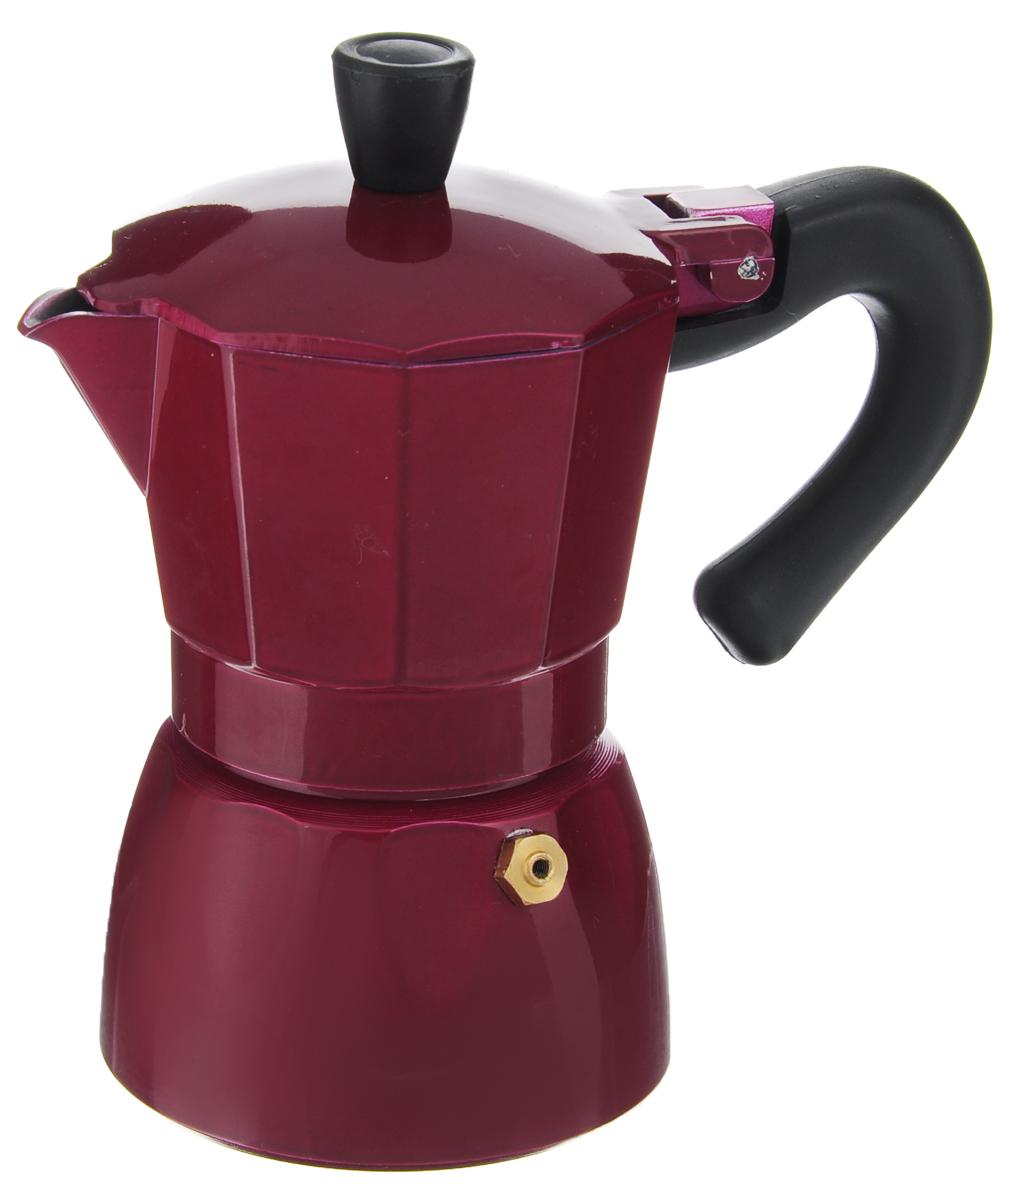 Эспрессо-кофеварка гейзерного типа Calve, на 2 порцииCL-1520_ красныйЭспрессо-кофеварка гейзерного типа Calve изготовлена из алюминия и оснащена жаропрочной бакелитовой ручкой. Основной принцип работы гейзерной кофеварки состоит в том, что кофе заваривается путем прохождения горячей воды или пара через слой молотого кофе. В нижний отсек заливается вода до необходимого уровня, в средний отсек-фильтр засыпается молотый кофе (лучше выбирать кофе более крупного помола, так как кофе слишком мелкого помола может забить фильтр кофеварки), все части тщательно закрываются, кофеварка ставится на плиту и через пять минут ароматный кофе готов. В гейзерной кофеварке можно заваривать чаи и различные травяные сборы. Можно мыть в посудомоечной машине. Диаметр (по верхнему краю): 7,5 см. Высота кофеварки: 14 см.